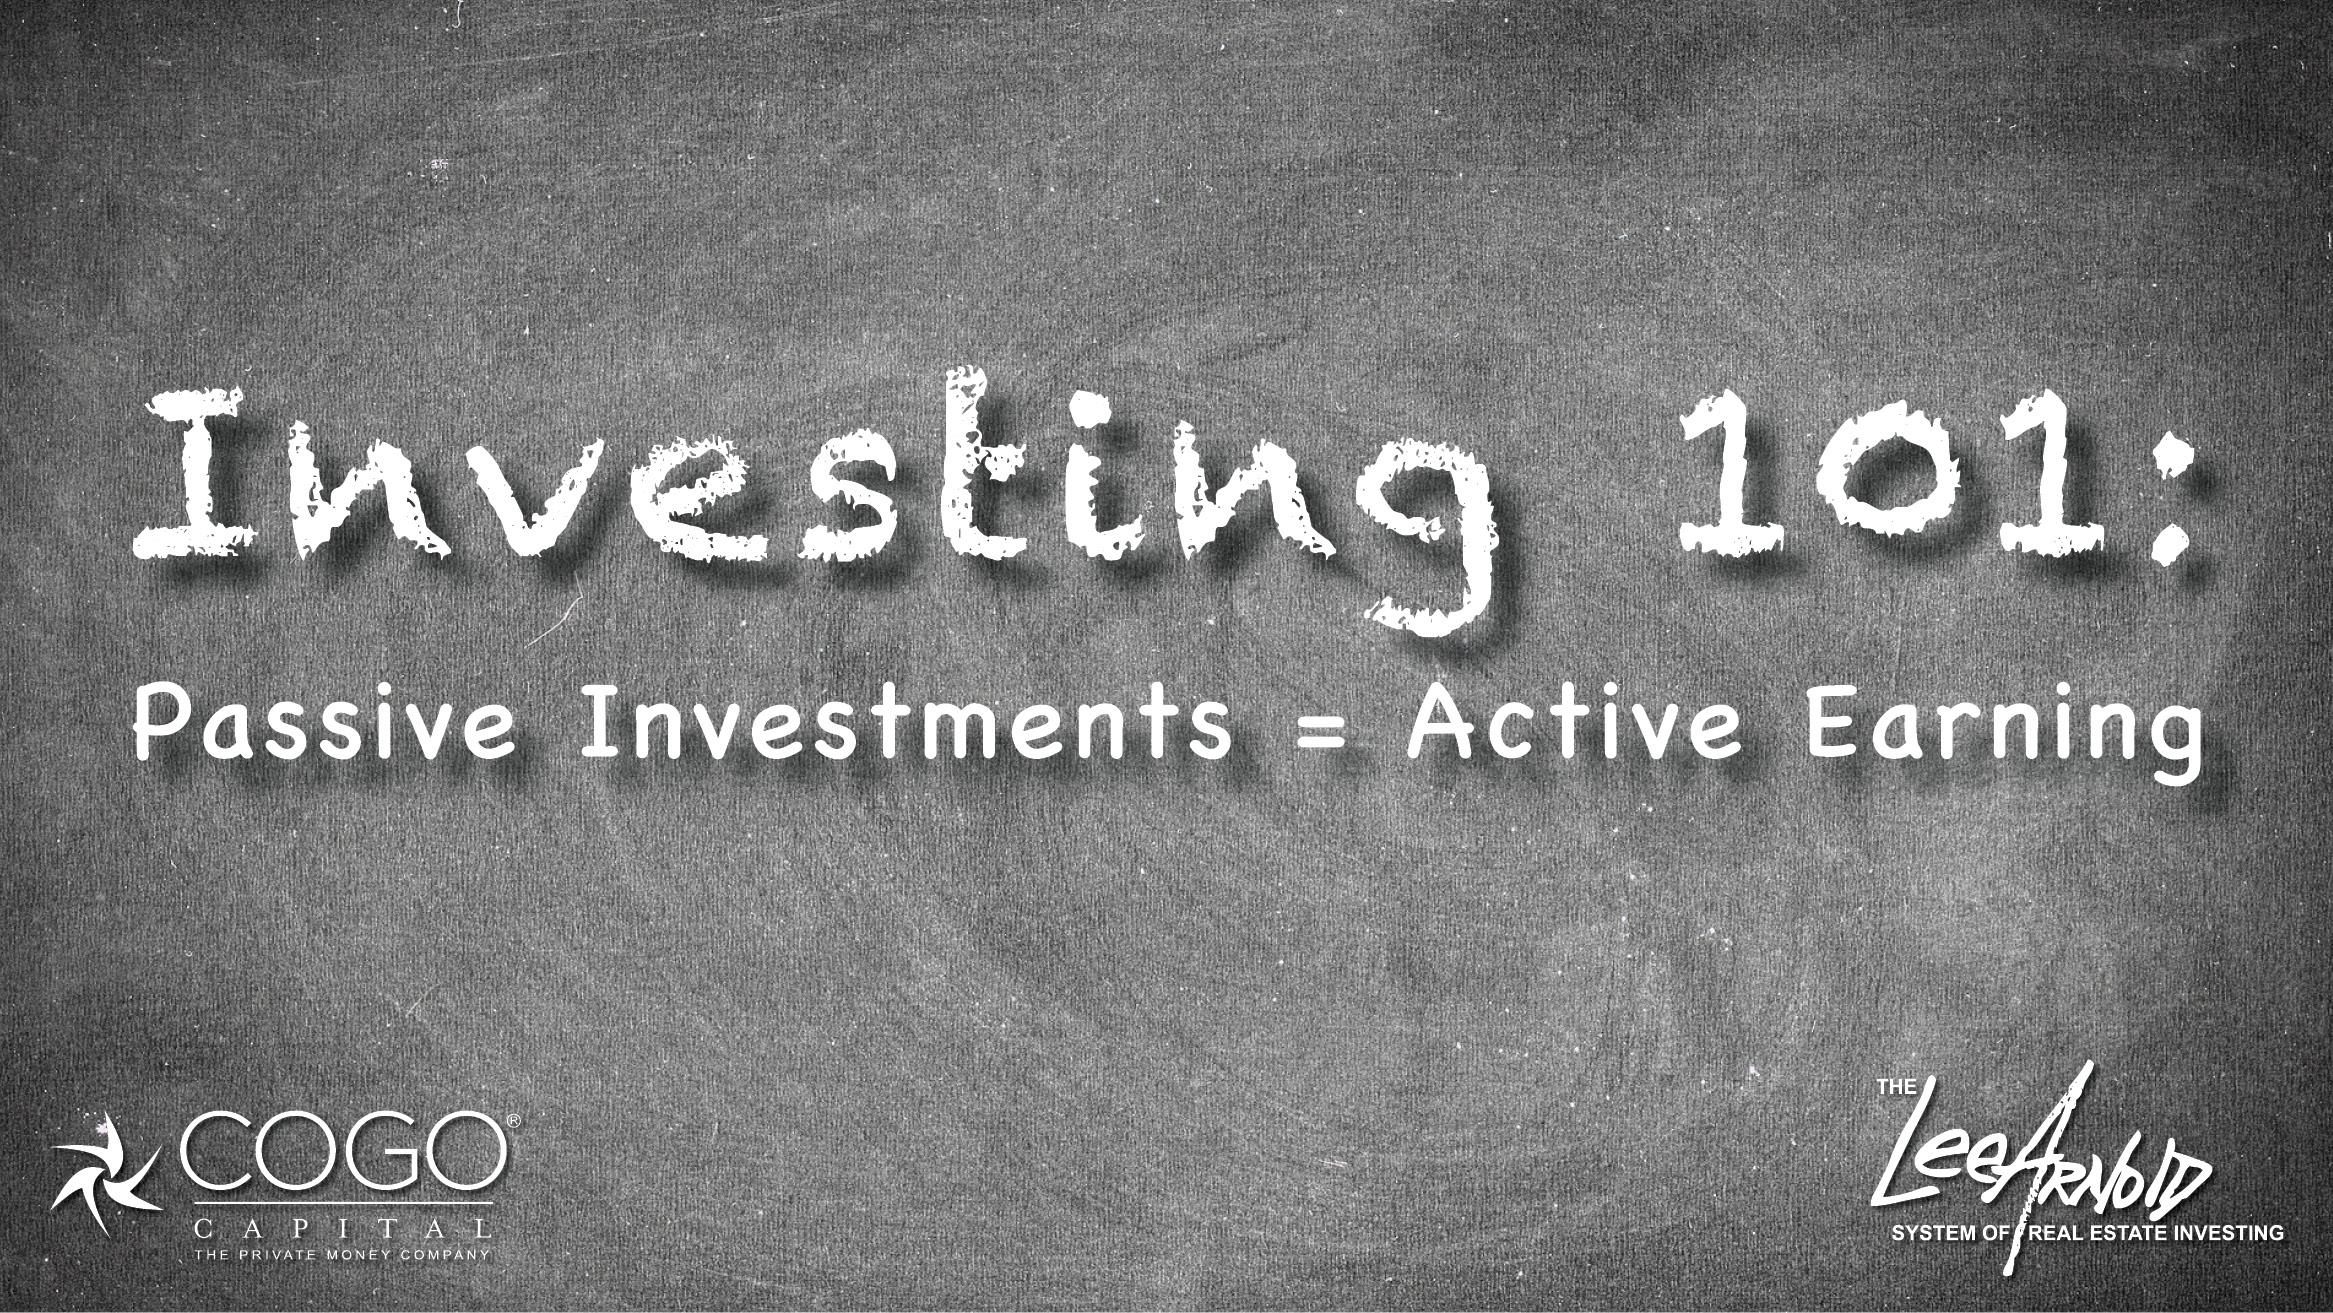 Investing 101 - Cogo Capital